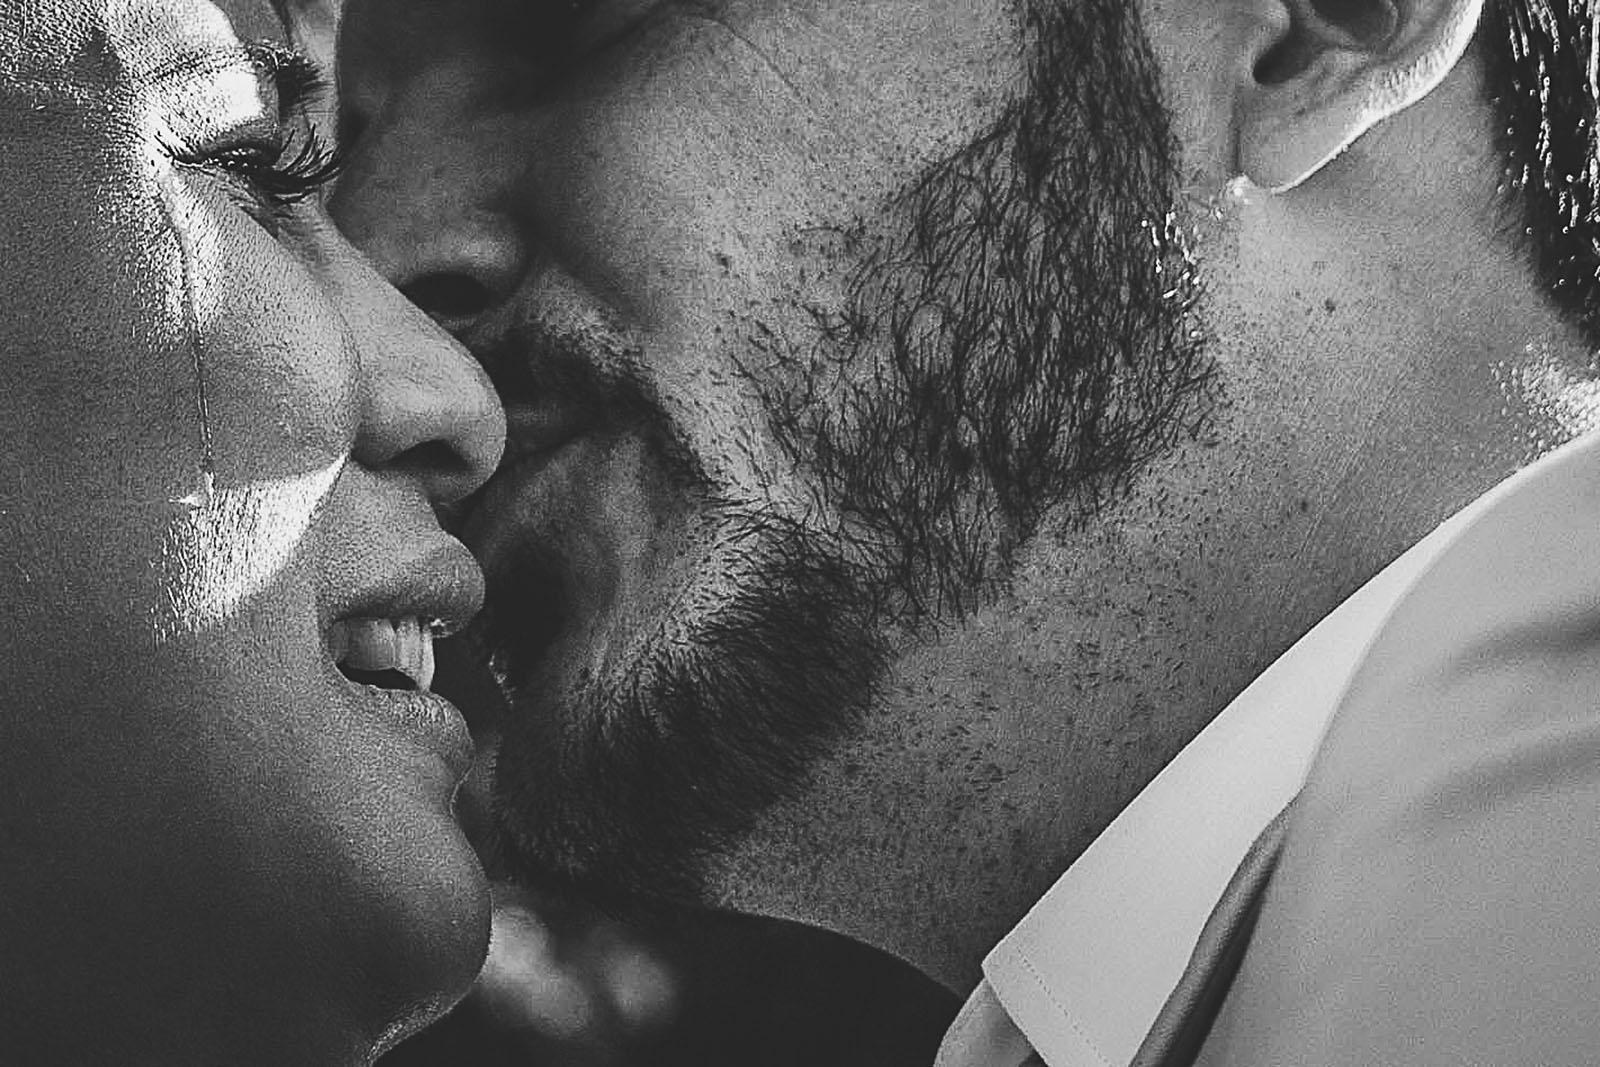 Mariage Mas de La Rouquette. David Pommier photographe de mariage. La larme qui coule sur la joue de la mariée. WPS Inspirational Wedding Photographers